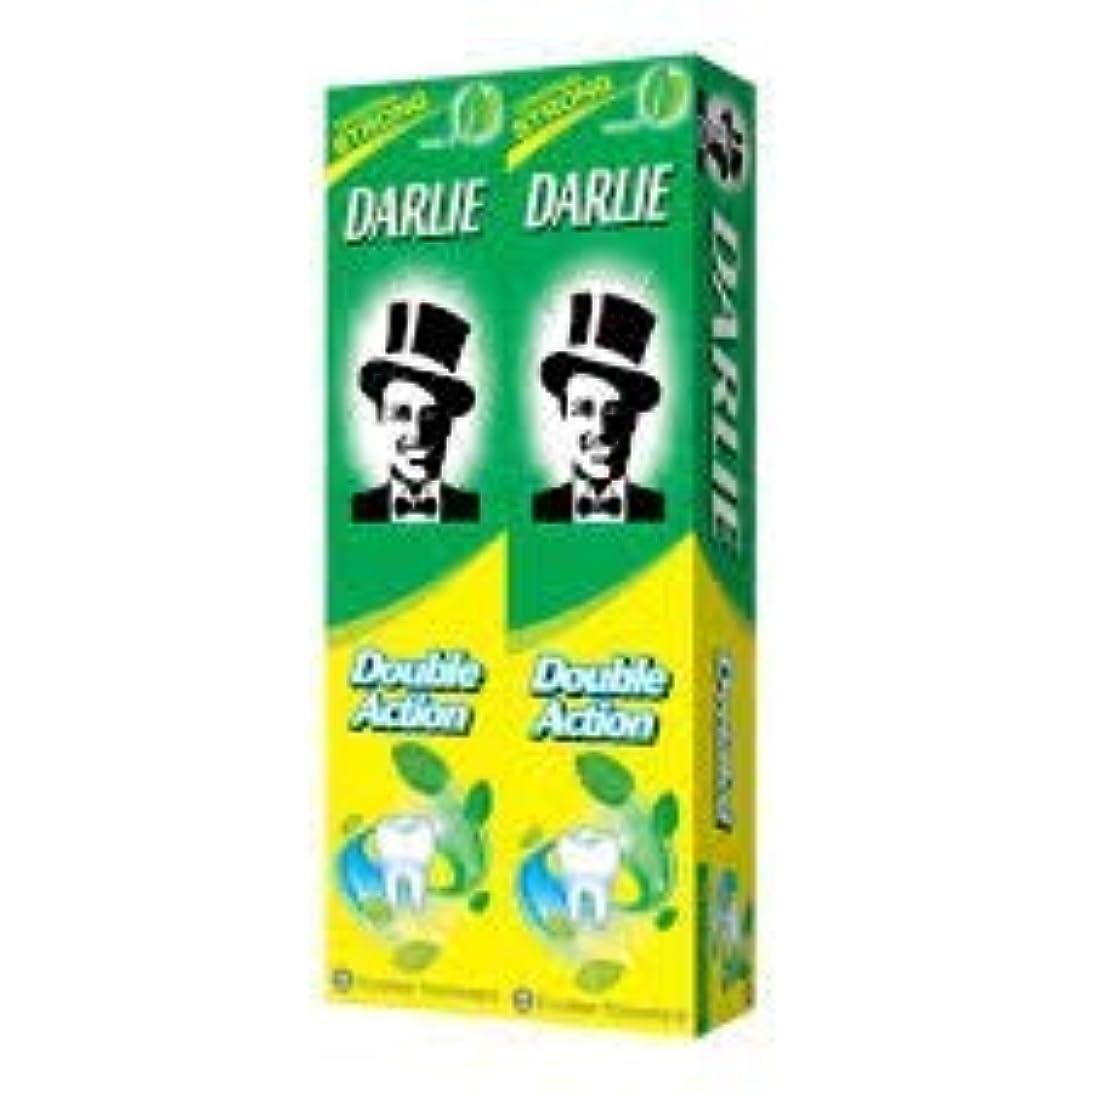 トリッキーアクロバット石油DARLIE 歯磨き粉2×225gの複動GWPは、より永続的な新鮮な息12時間-gives - 口腔細菌を減少させるのに有効